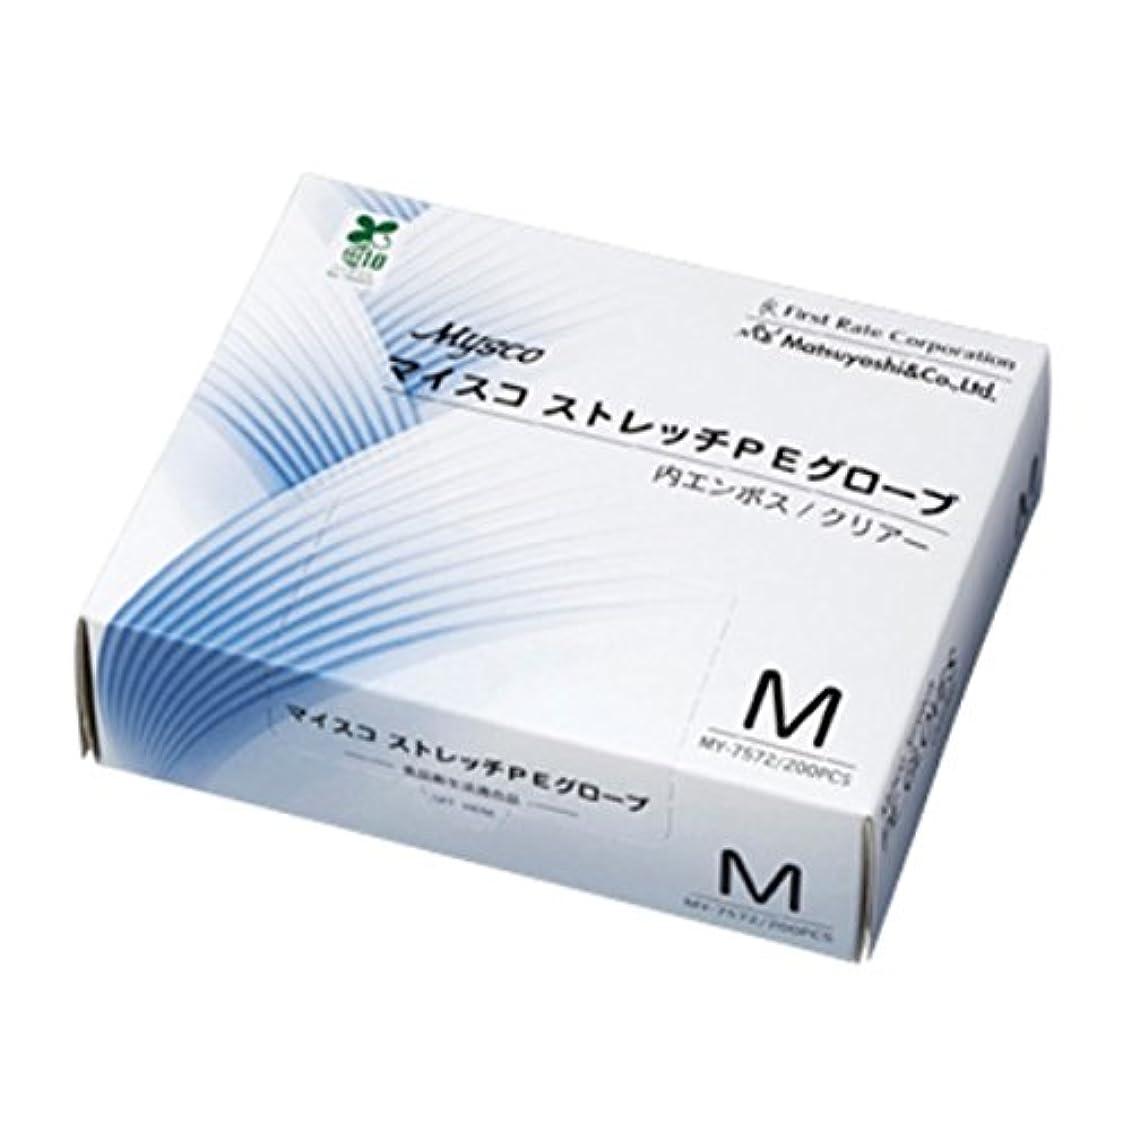 ボット強度用心深い【ケース販売】マイスコ ストレッチPEグローブ M 200枚入×40箱